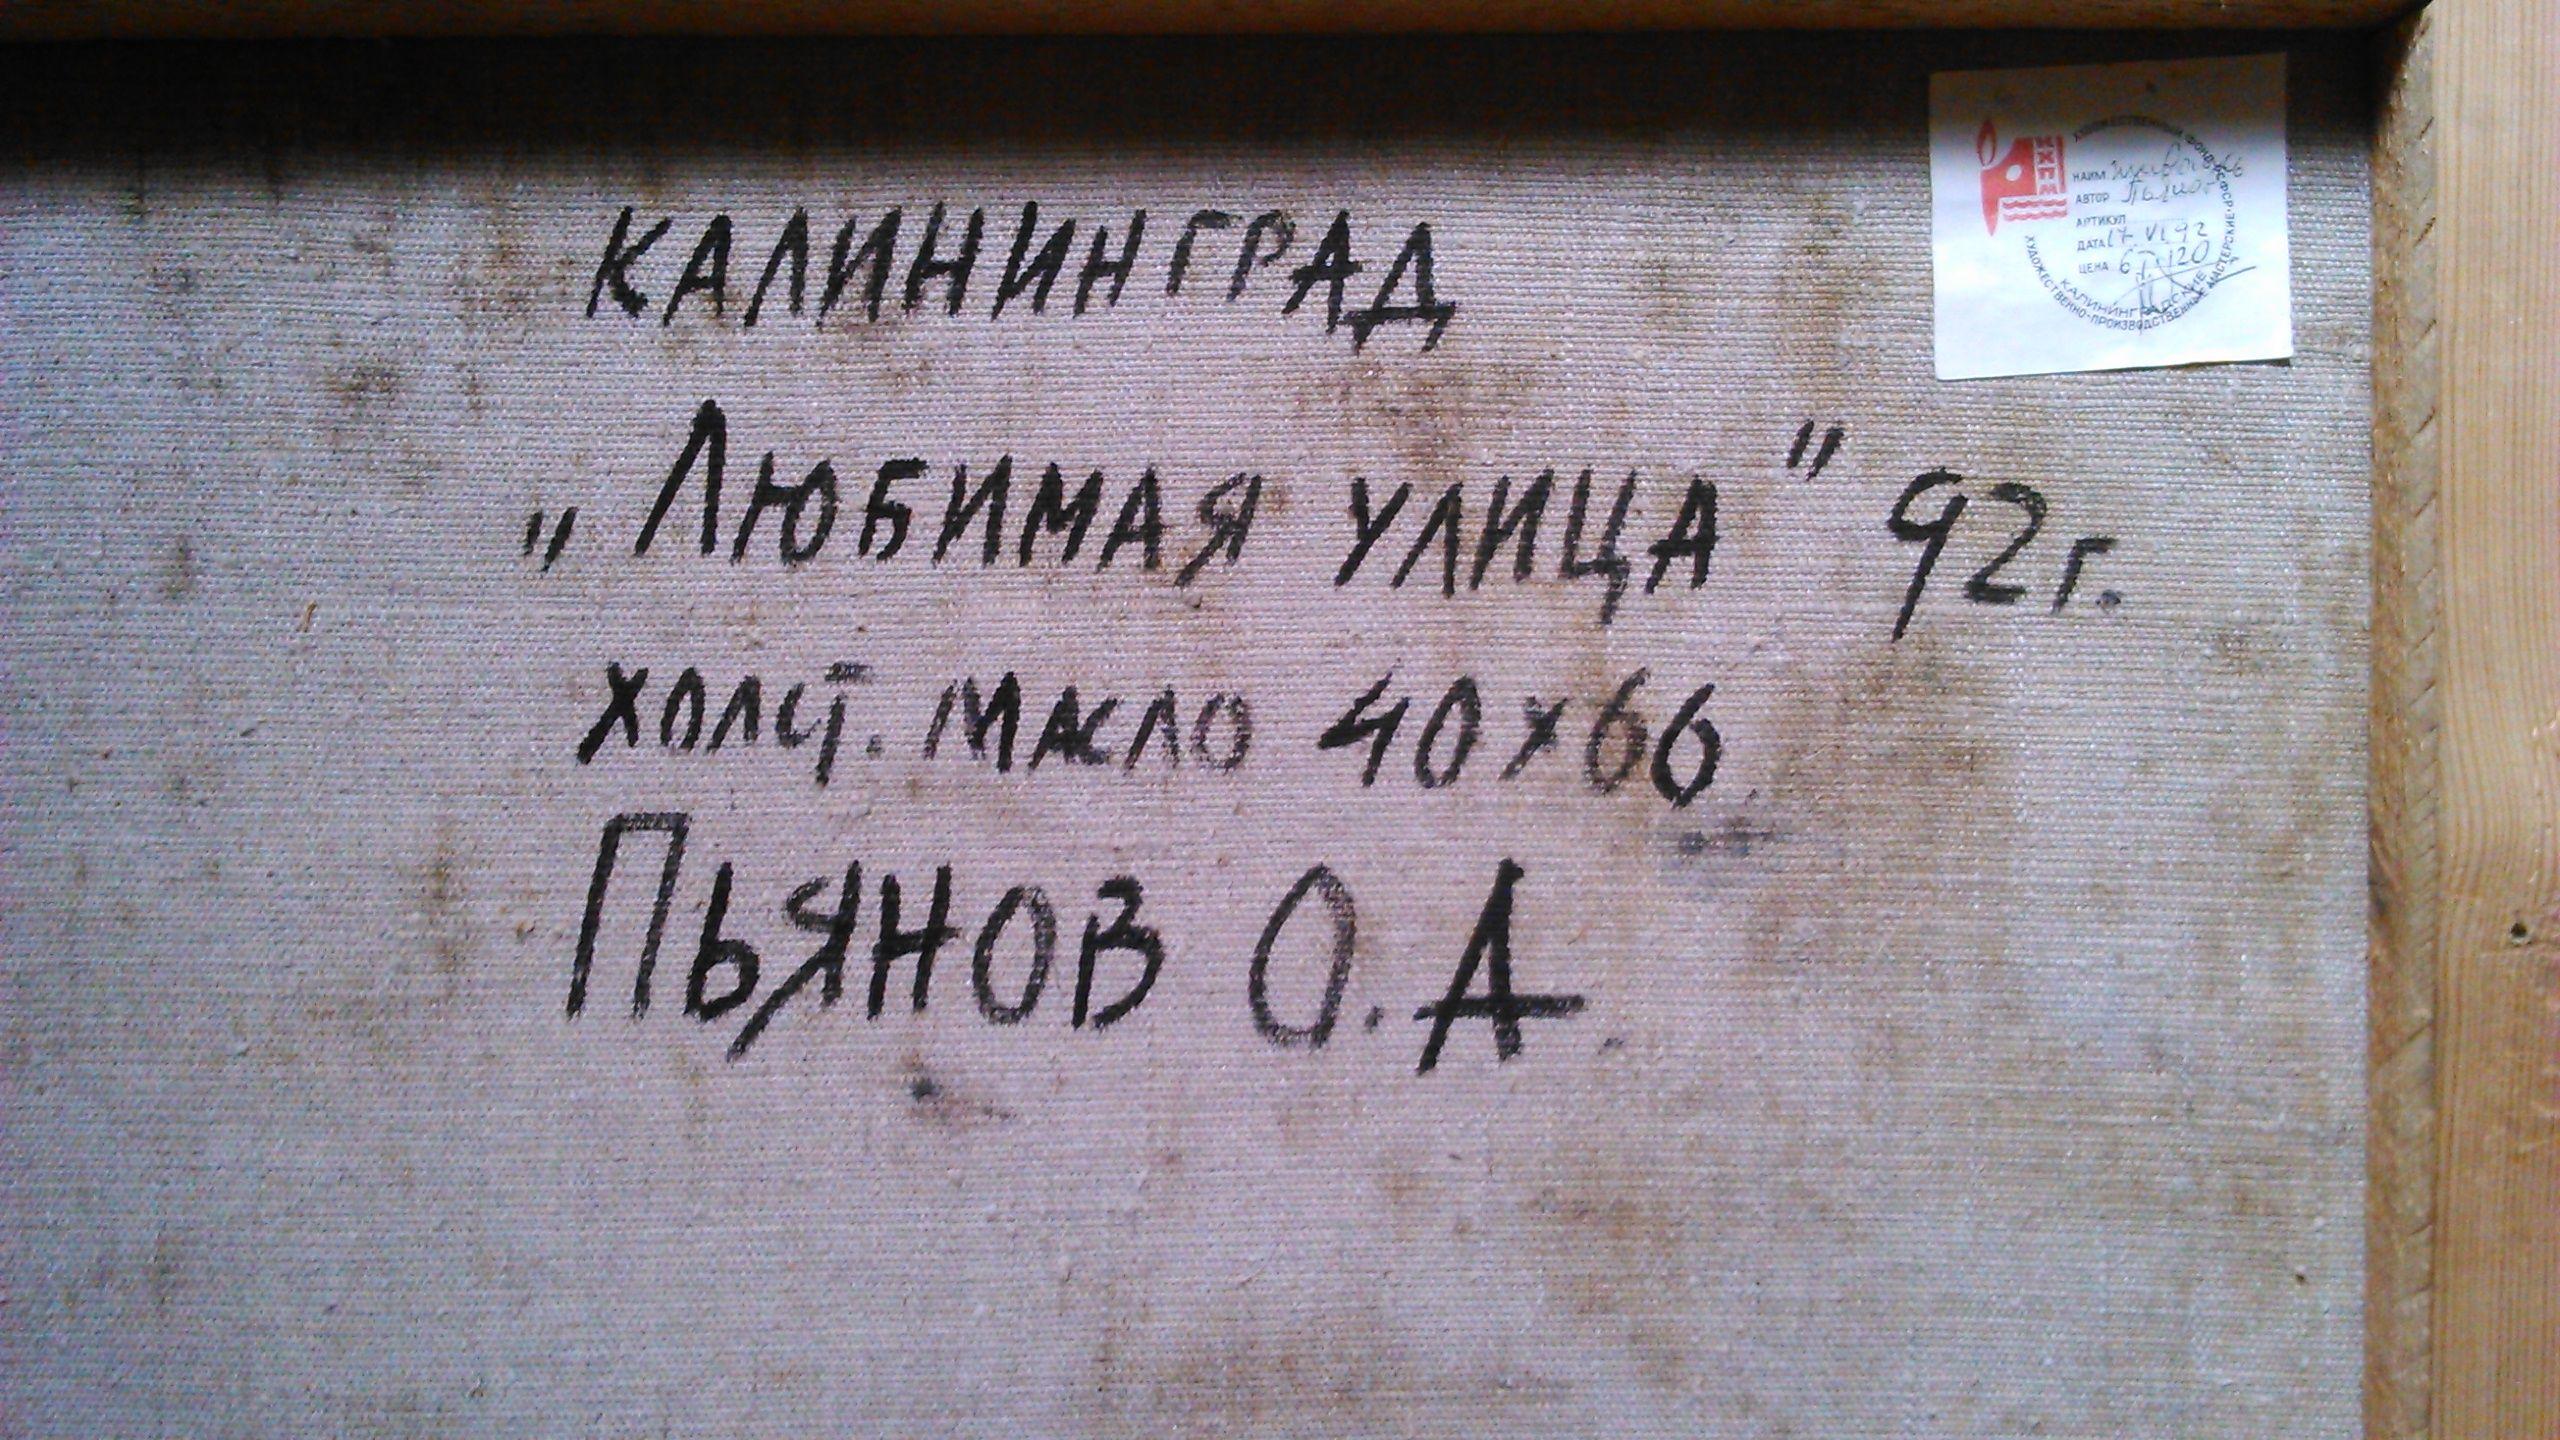 Hallo, kann mir jemand Kyrillisch übersetzen? (Übersetzung, Russisch)